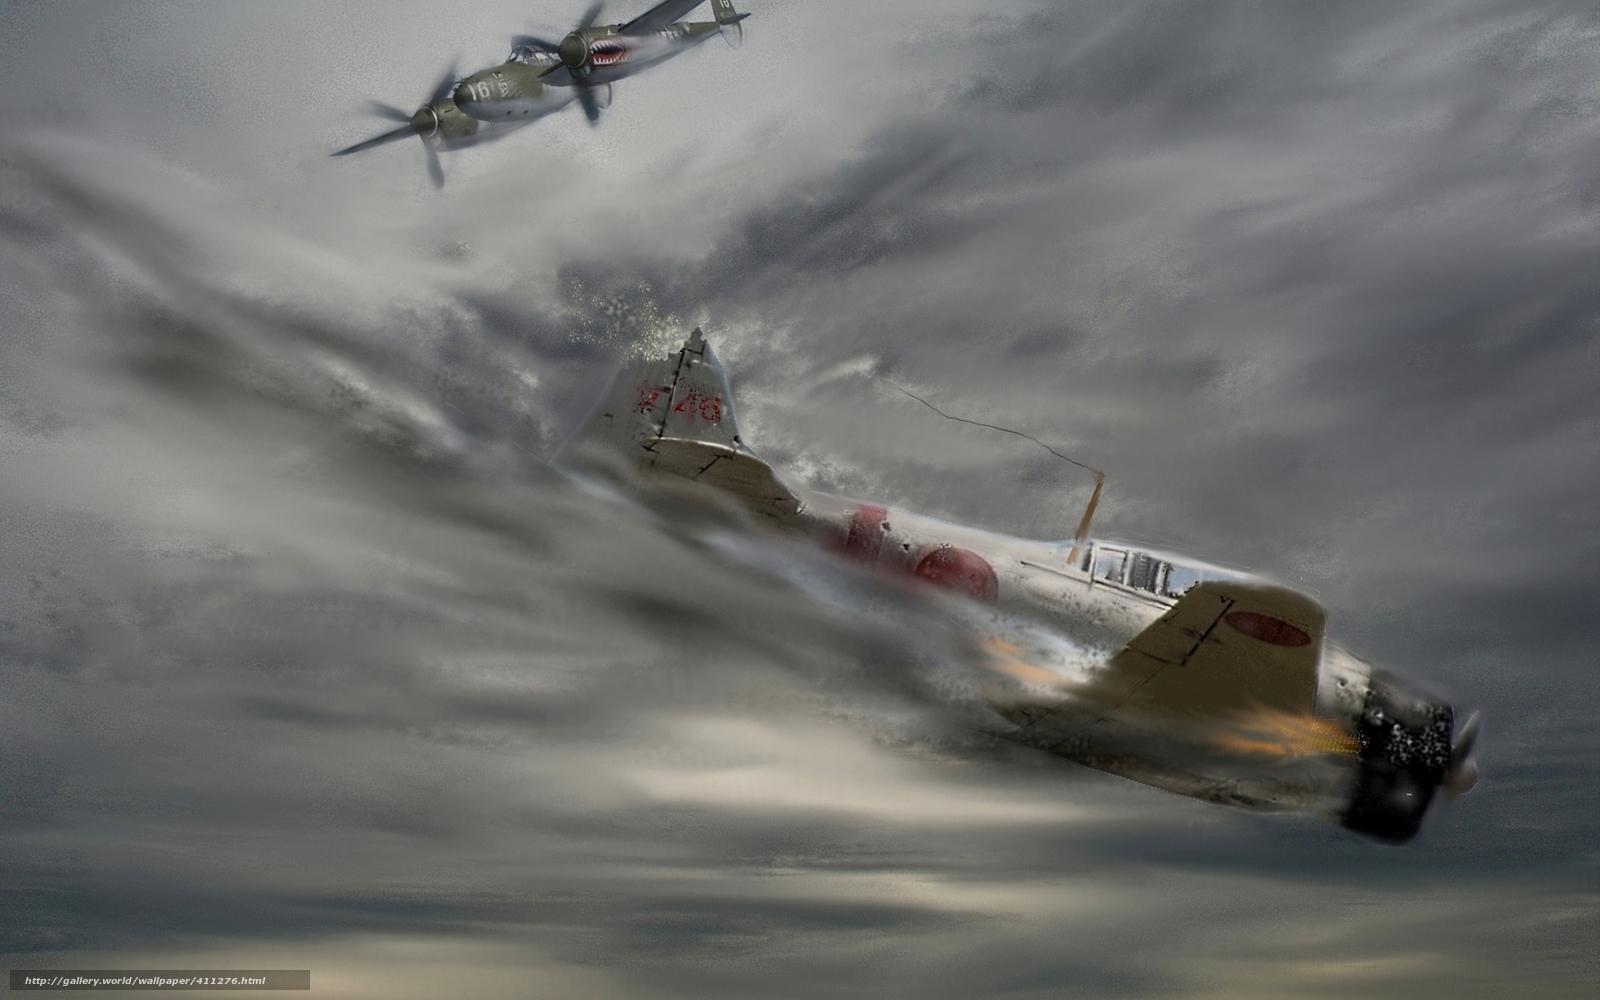 Скачать обои арт,  рисунок,  самолёты,  война бесплатно для рабочего стола в разрешении 1680x1050 — картинка №411276